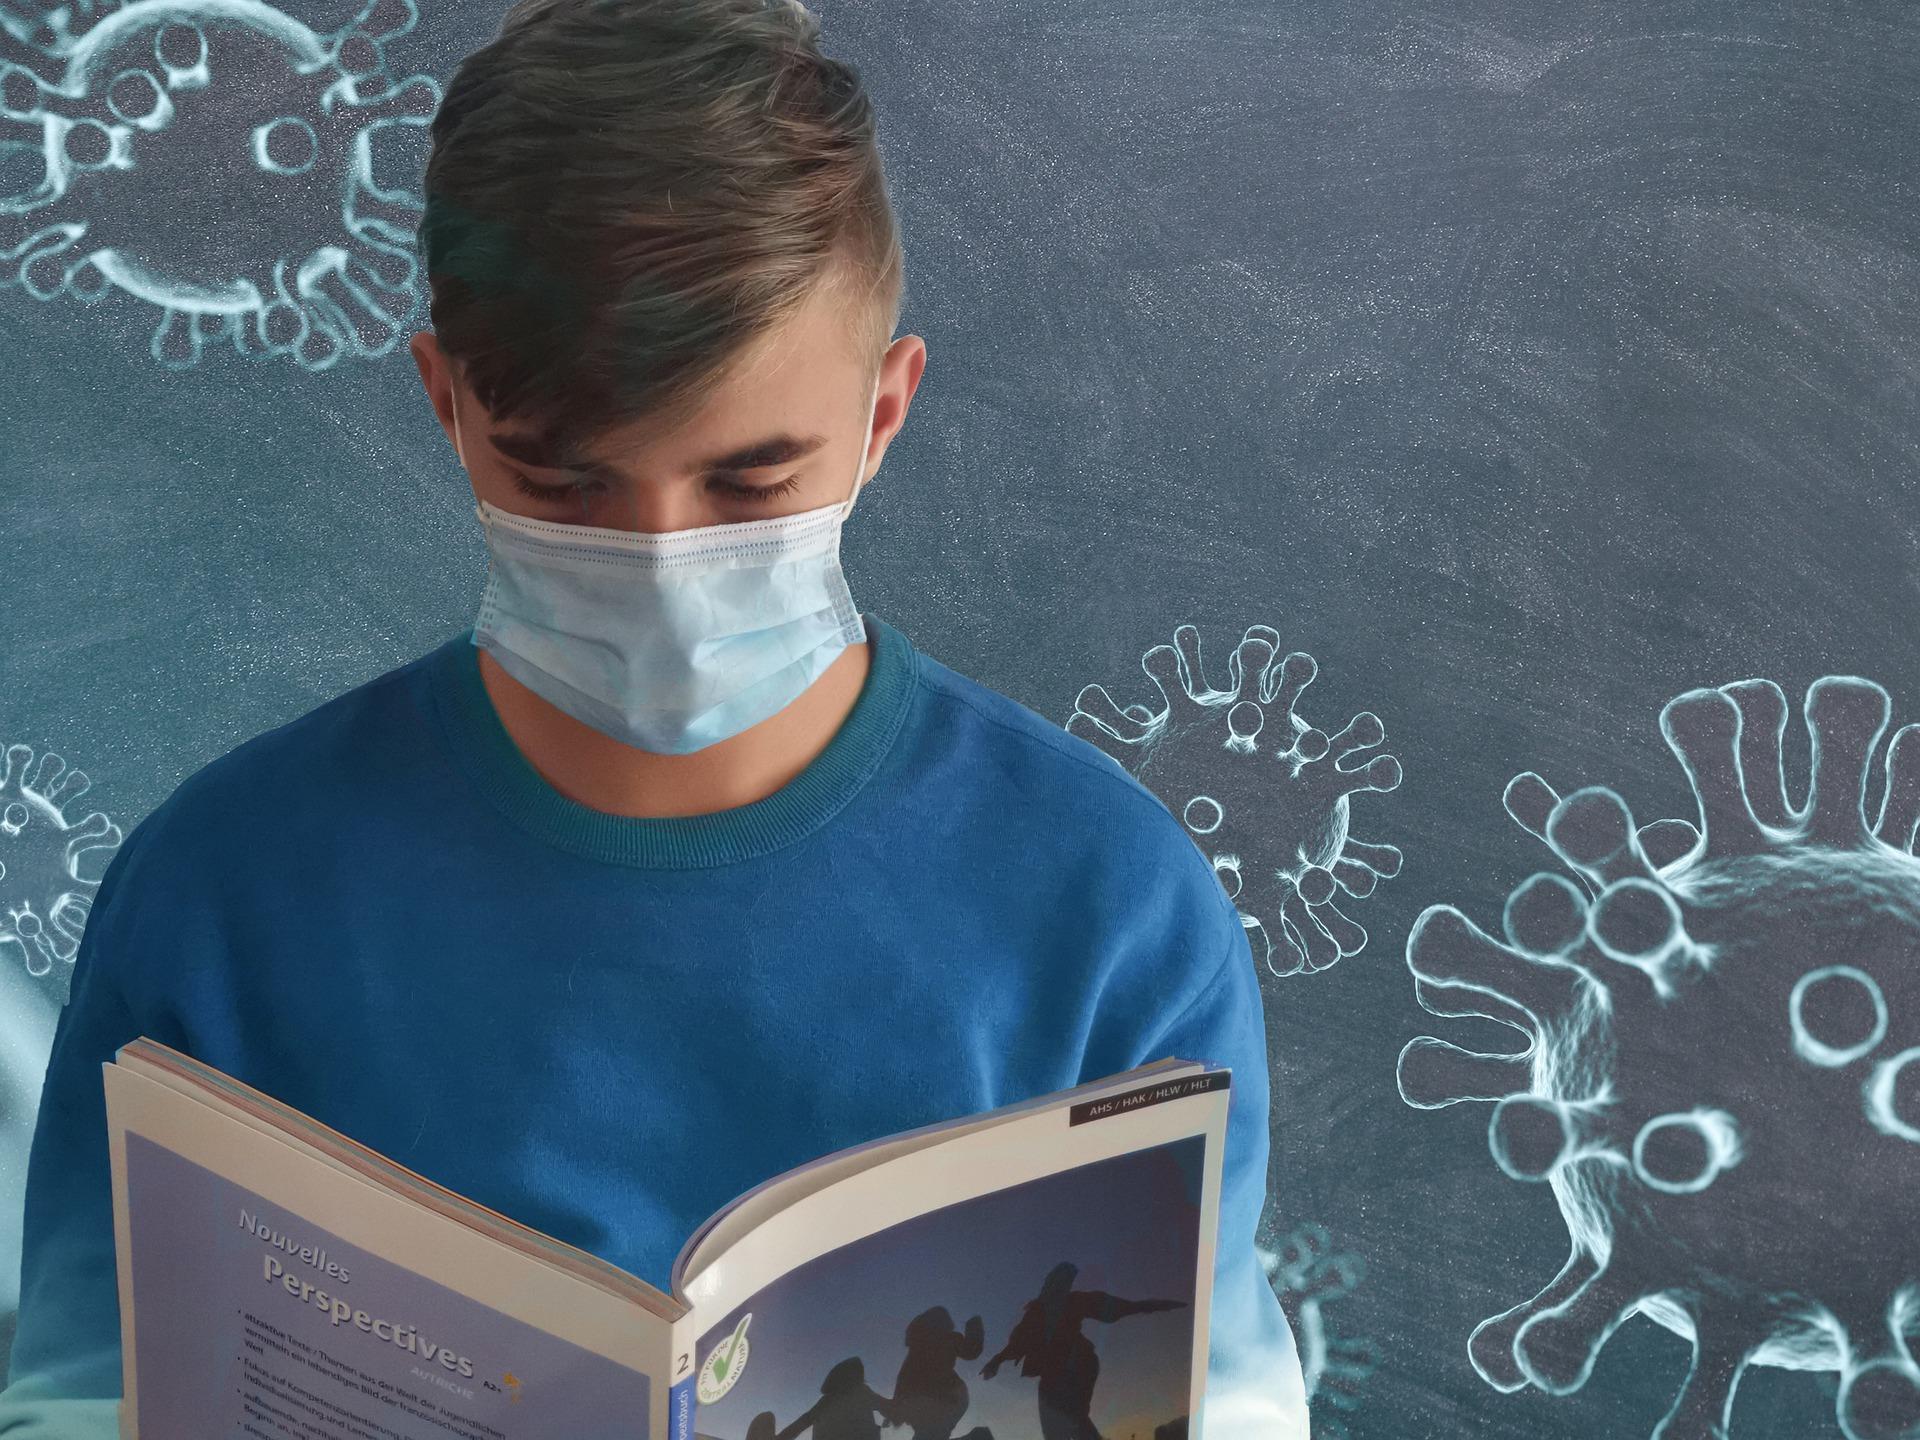 Kako je u drugdje izgledala škola u pandemiji: Matura isključivo usmeno, zaključne ocjene računao algoritam